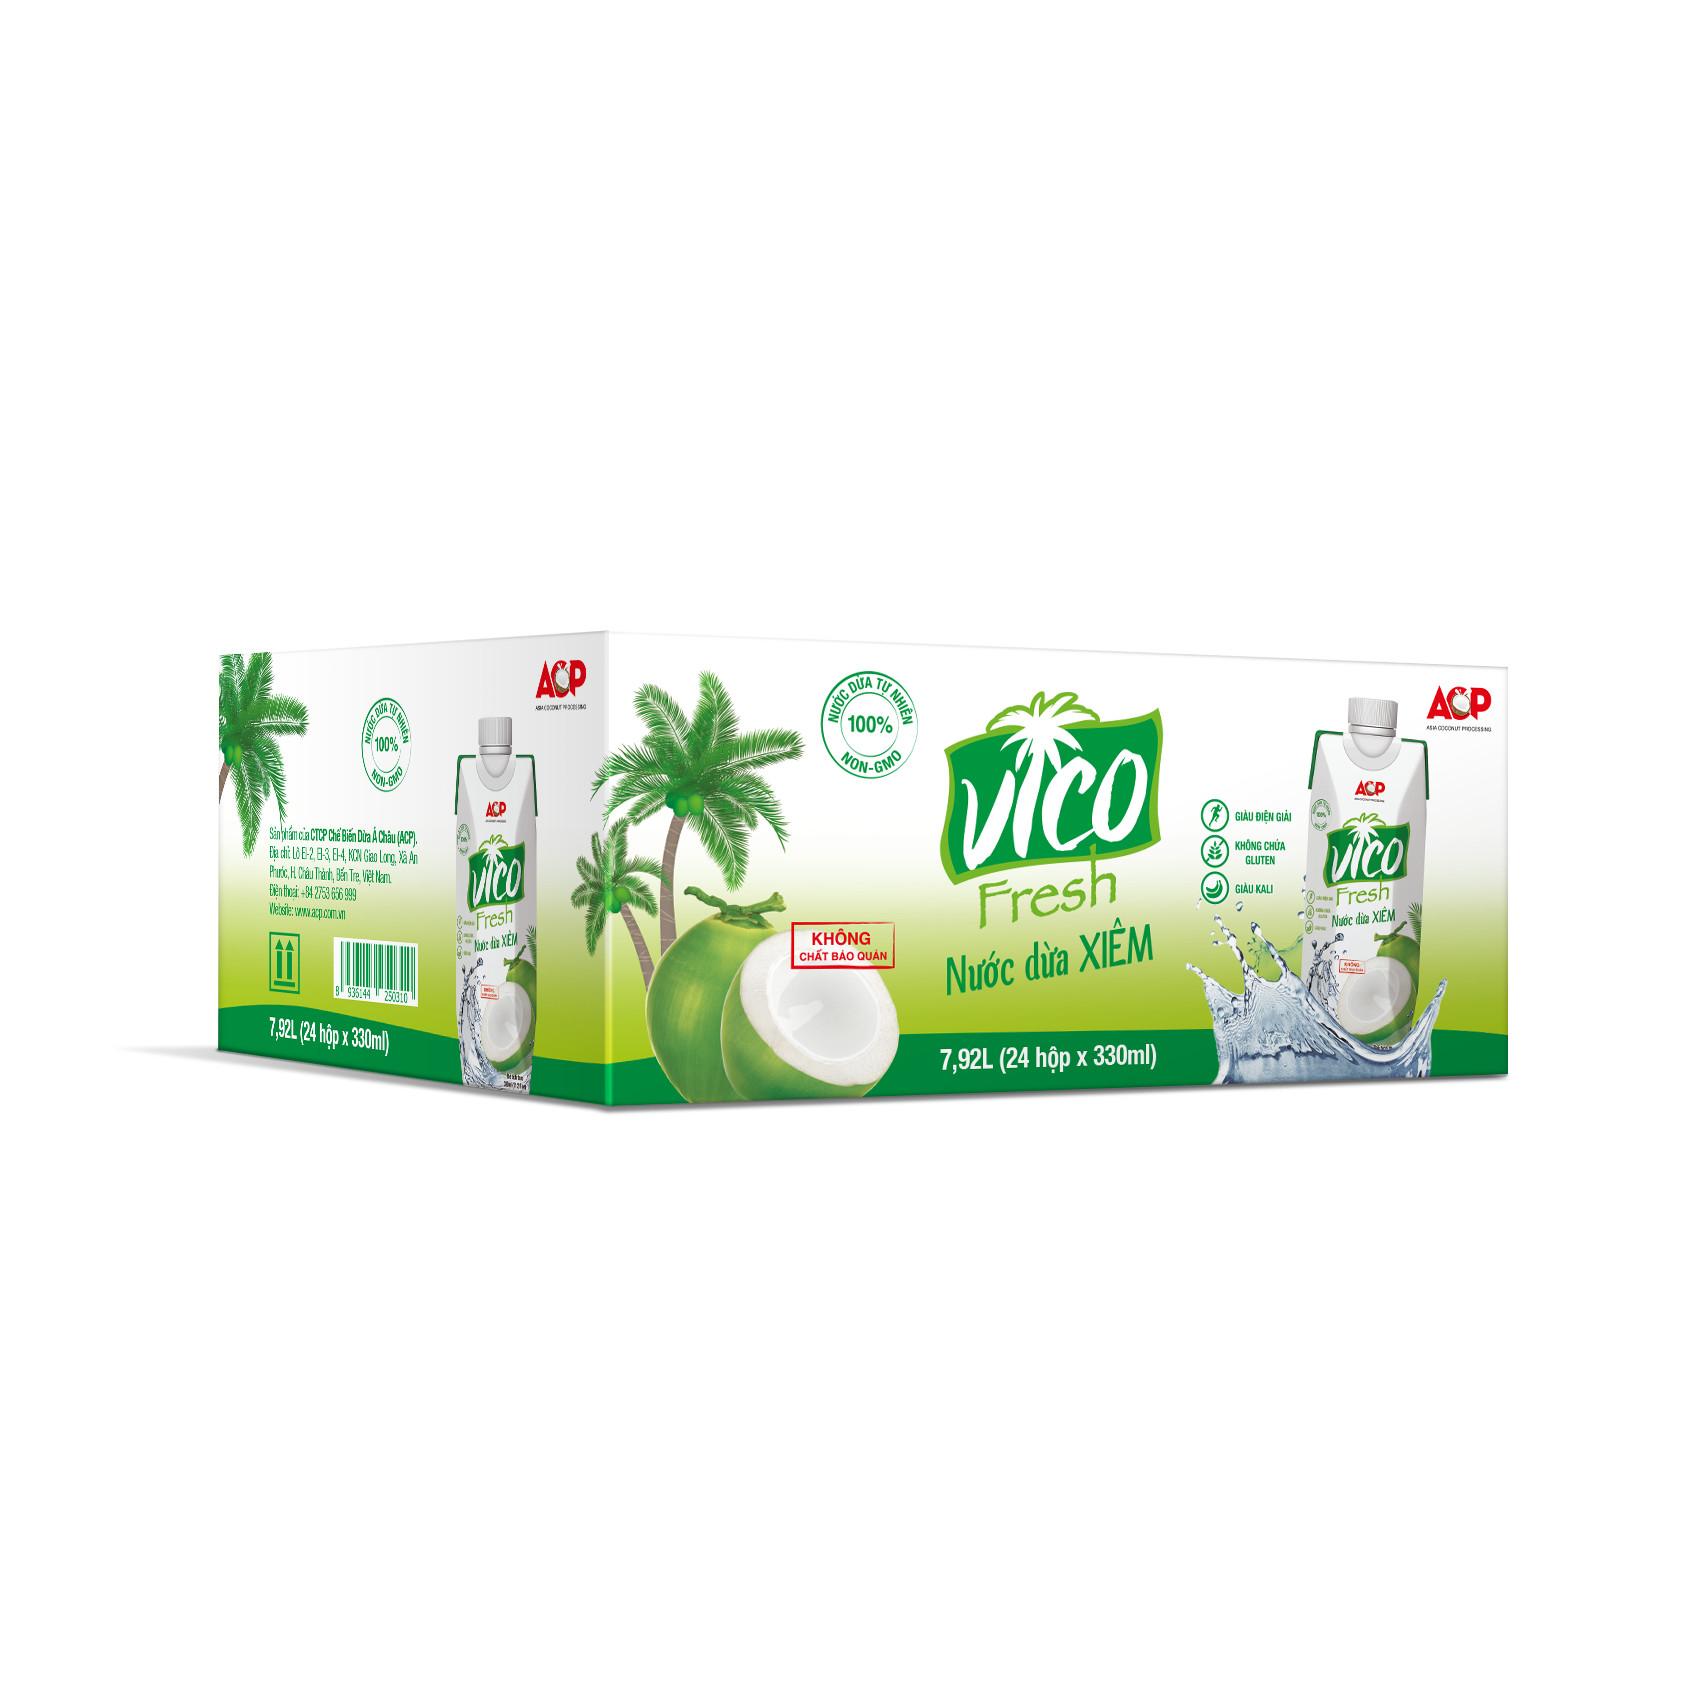 Thùng 24 hộp Nước dừa xiêm VICO FRESH 330ml  hộp